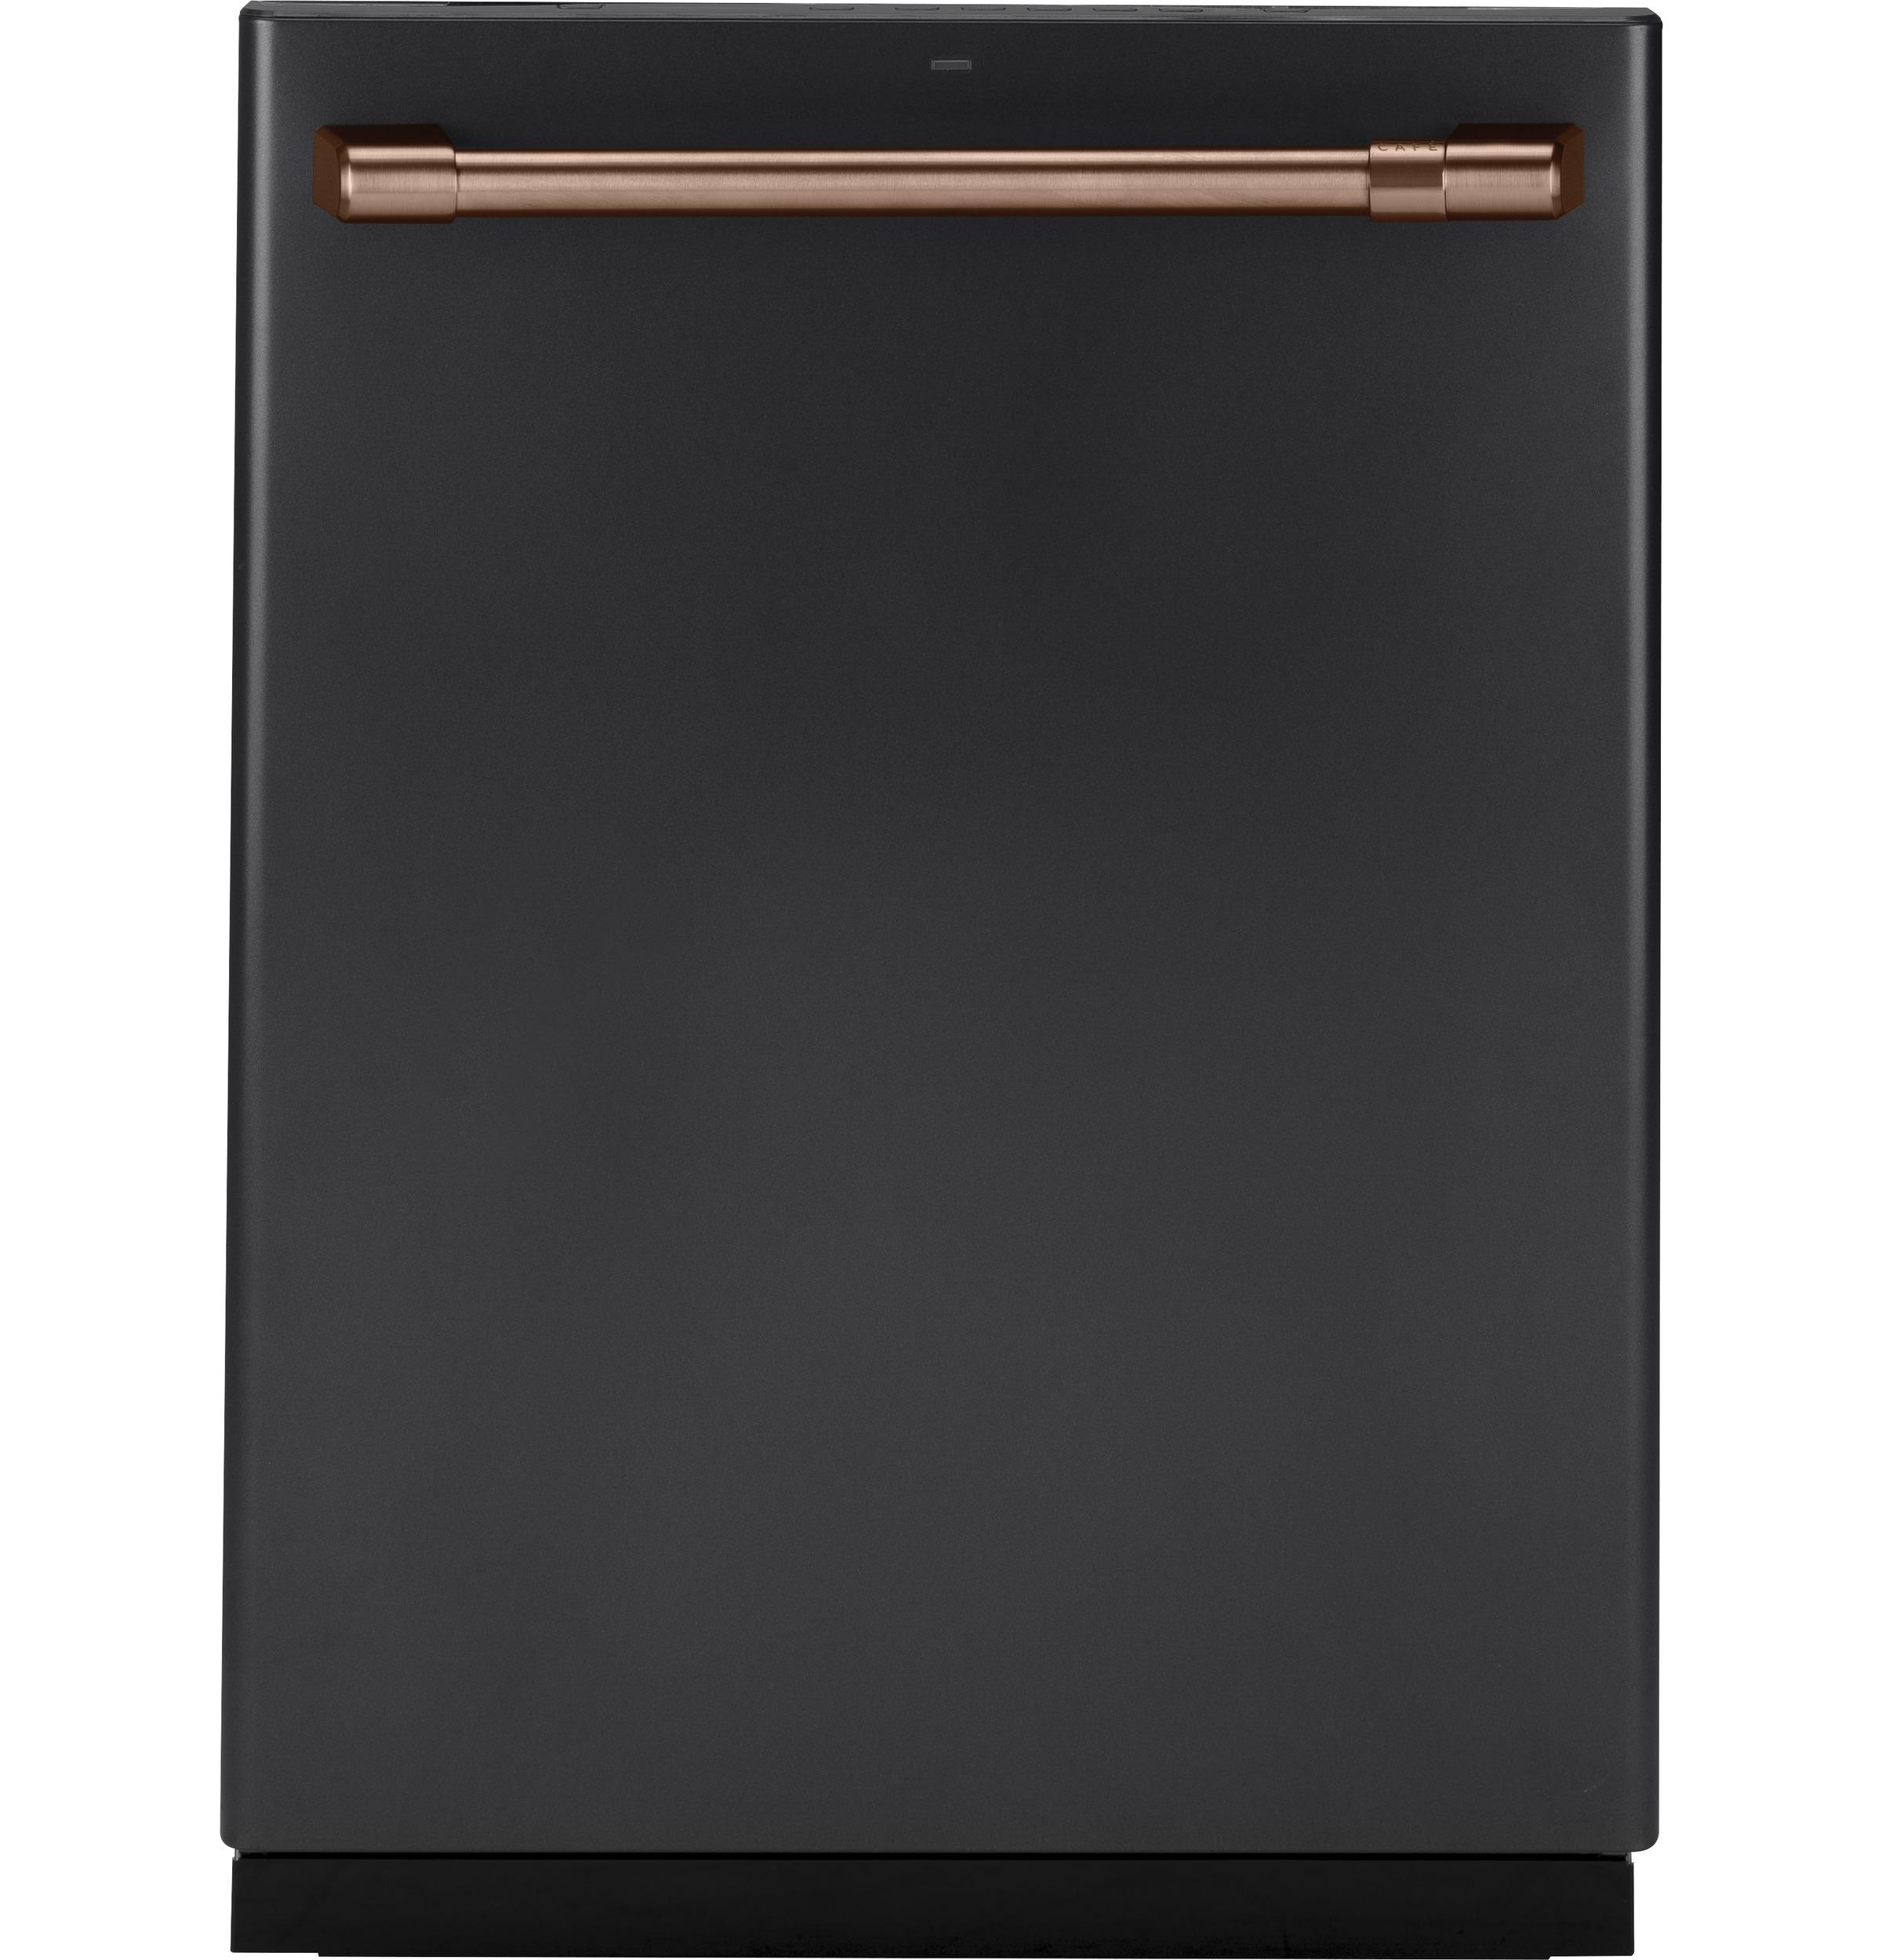 Model: CXADTH1PMCU | Cafe Café™ Dishwasher Handle Kit - Brushed Copper